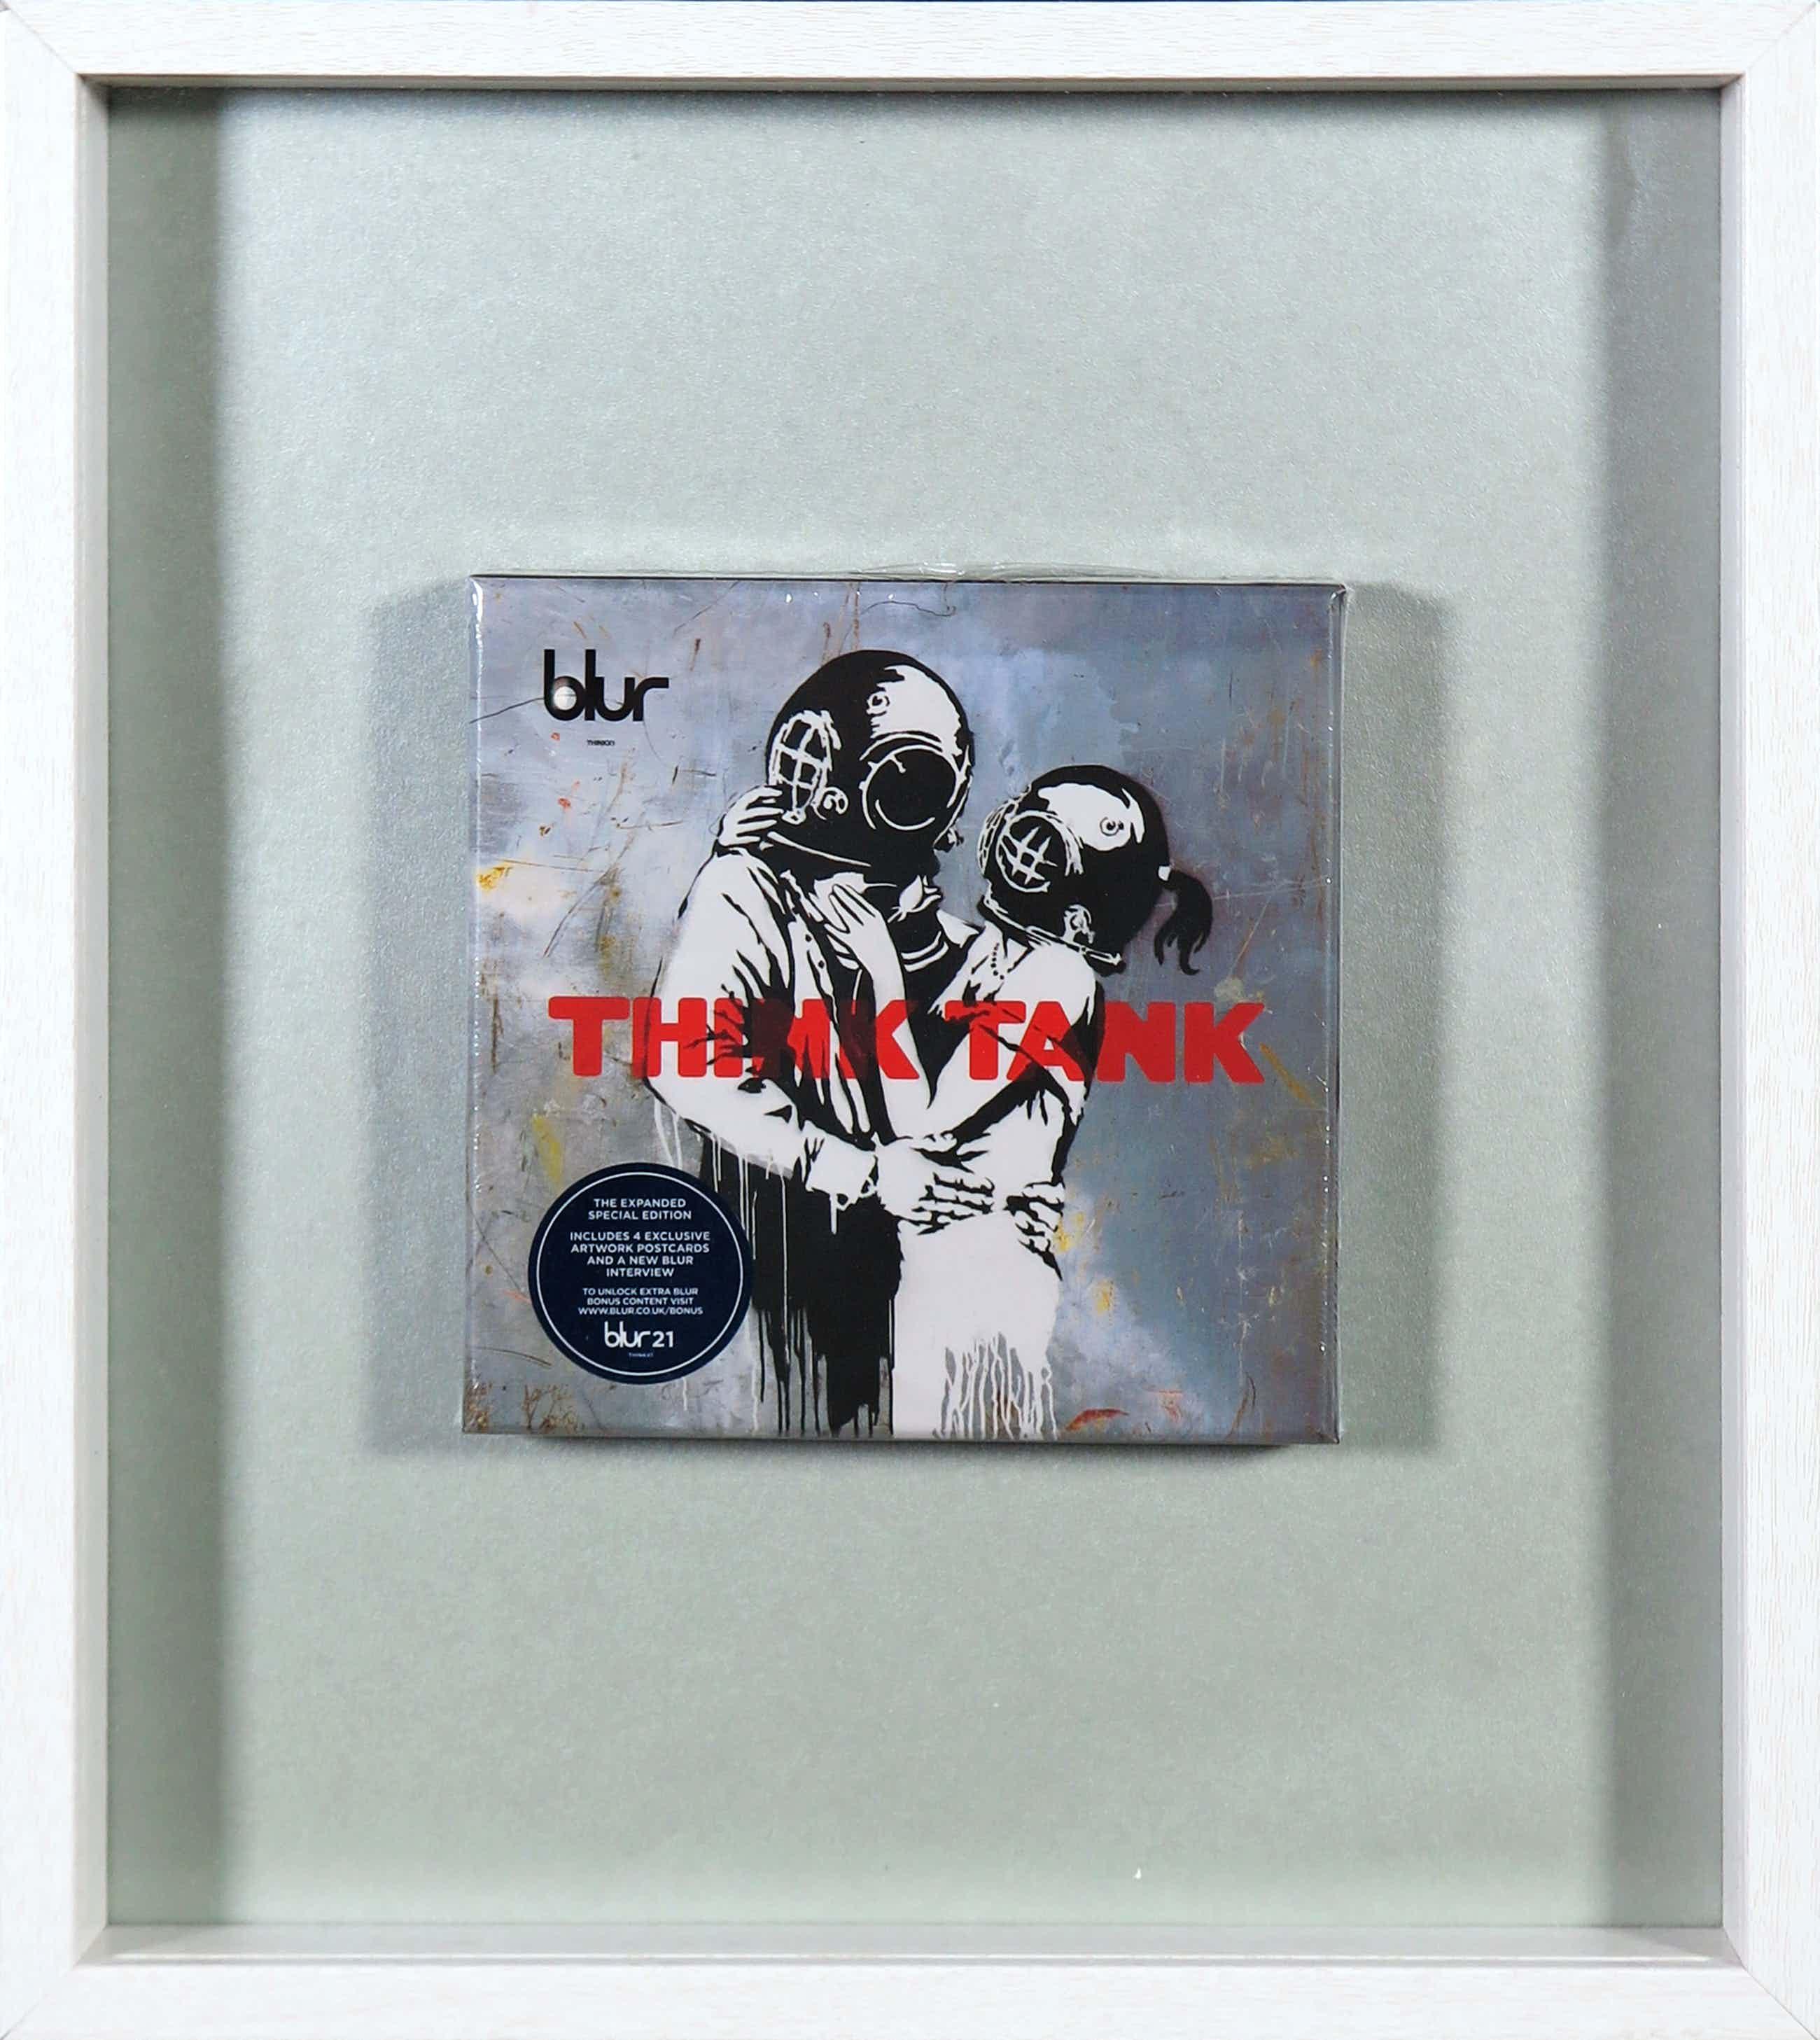 Banksy - Blur - Think Tank (CD) kopen? Bied vanaf 22!